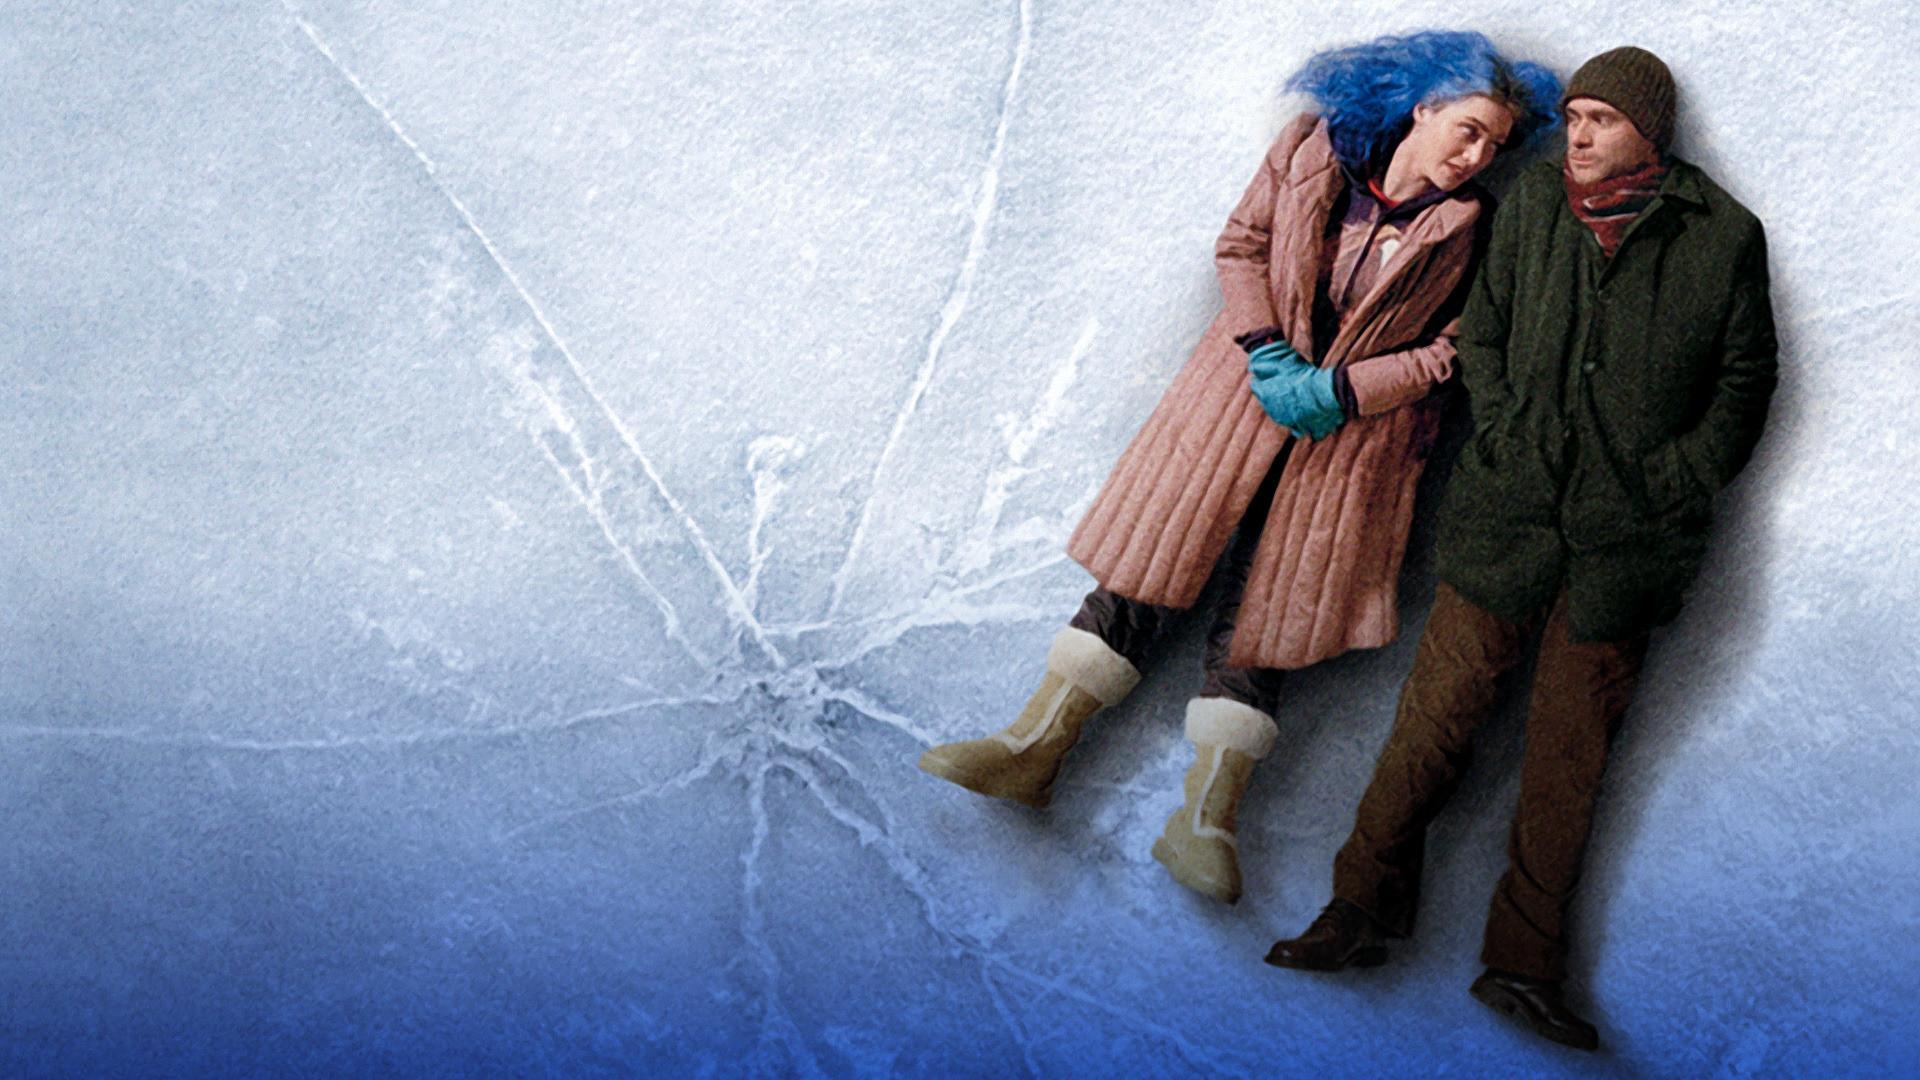 O filme é elevado a um caráter metafórico excepcional (Foto: Reprodução)